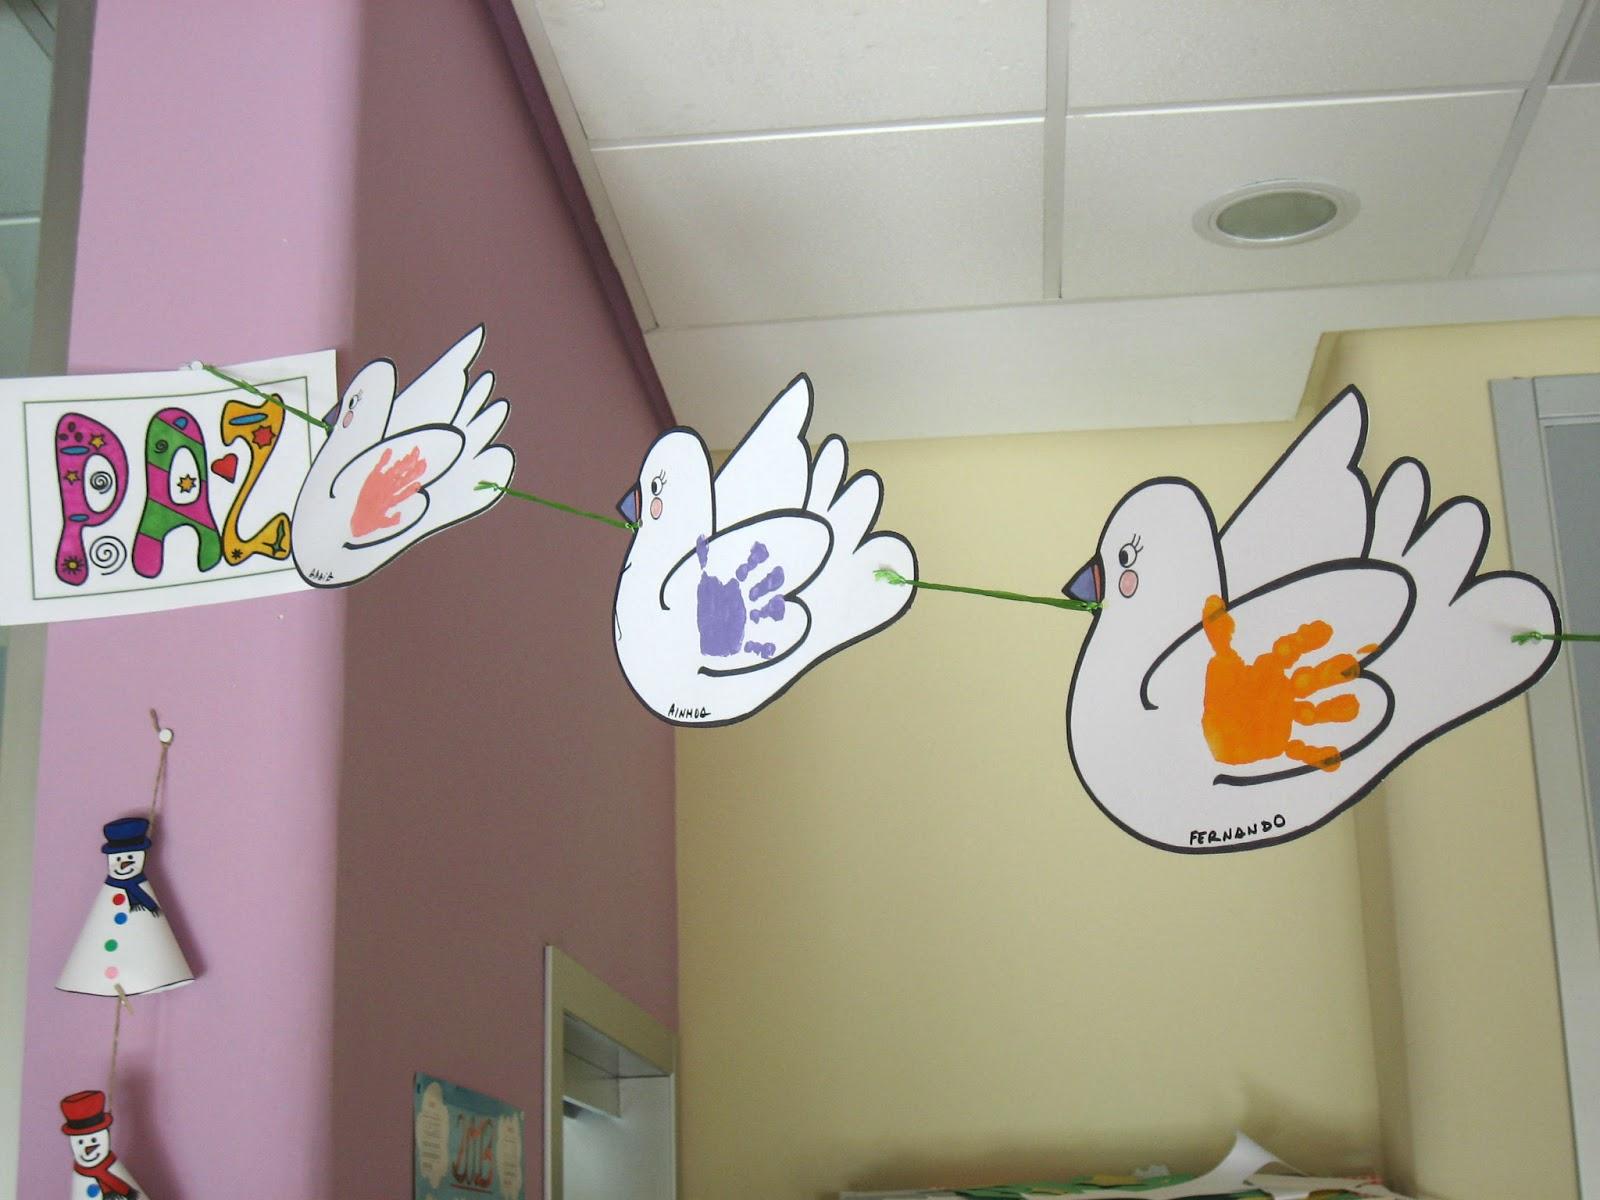 Rincón De Infantil Día De La Paz: Escuela Infantil Marchamalo: Día De La Paz 2013